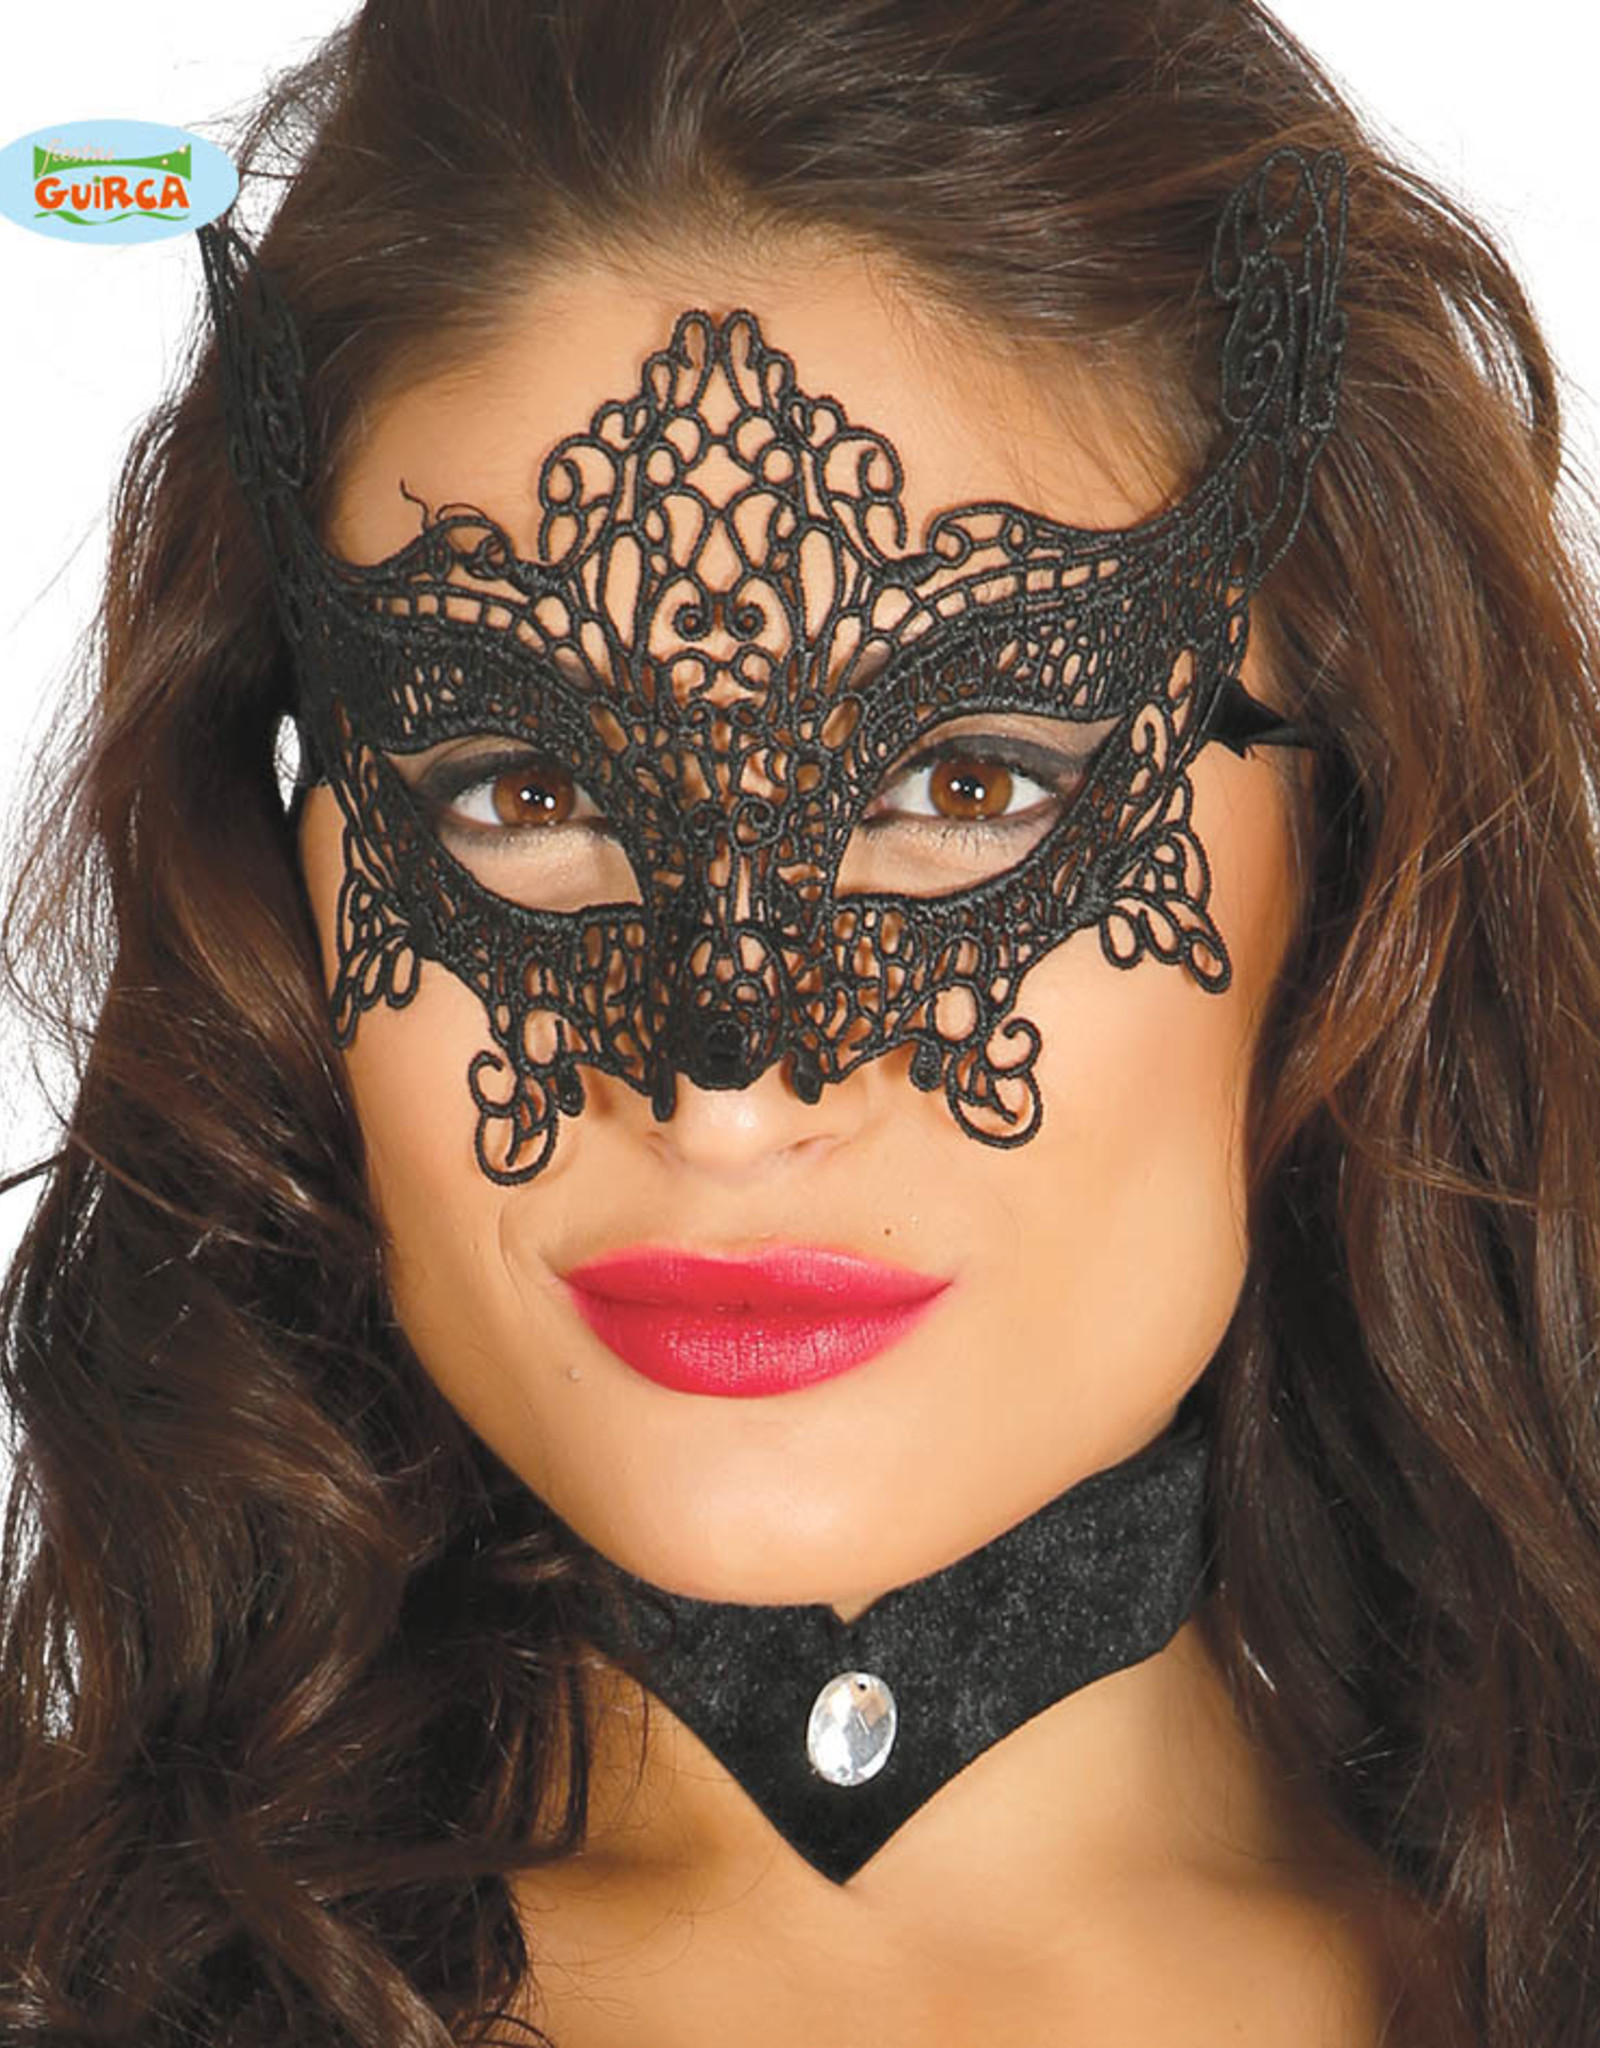 FIESTAS GUIRCA oogmasker zwart geborduurd 2